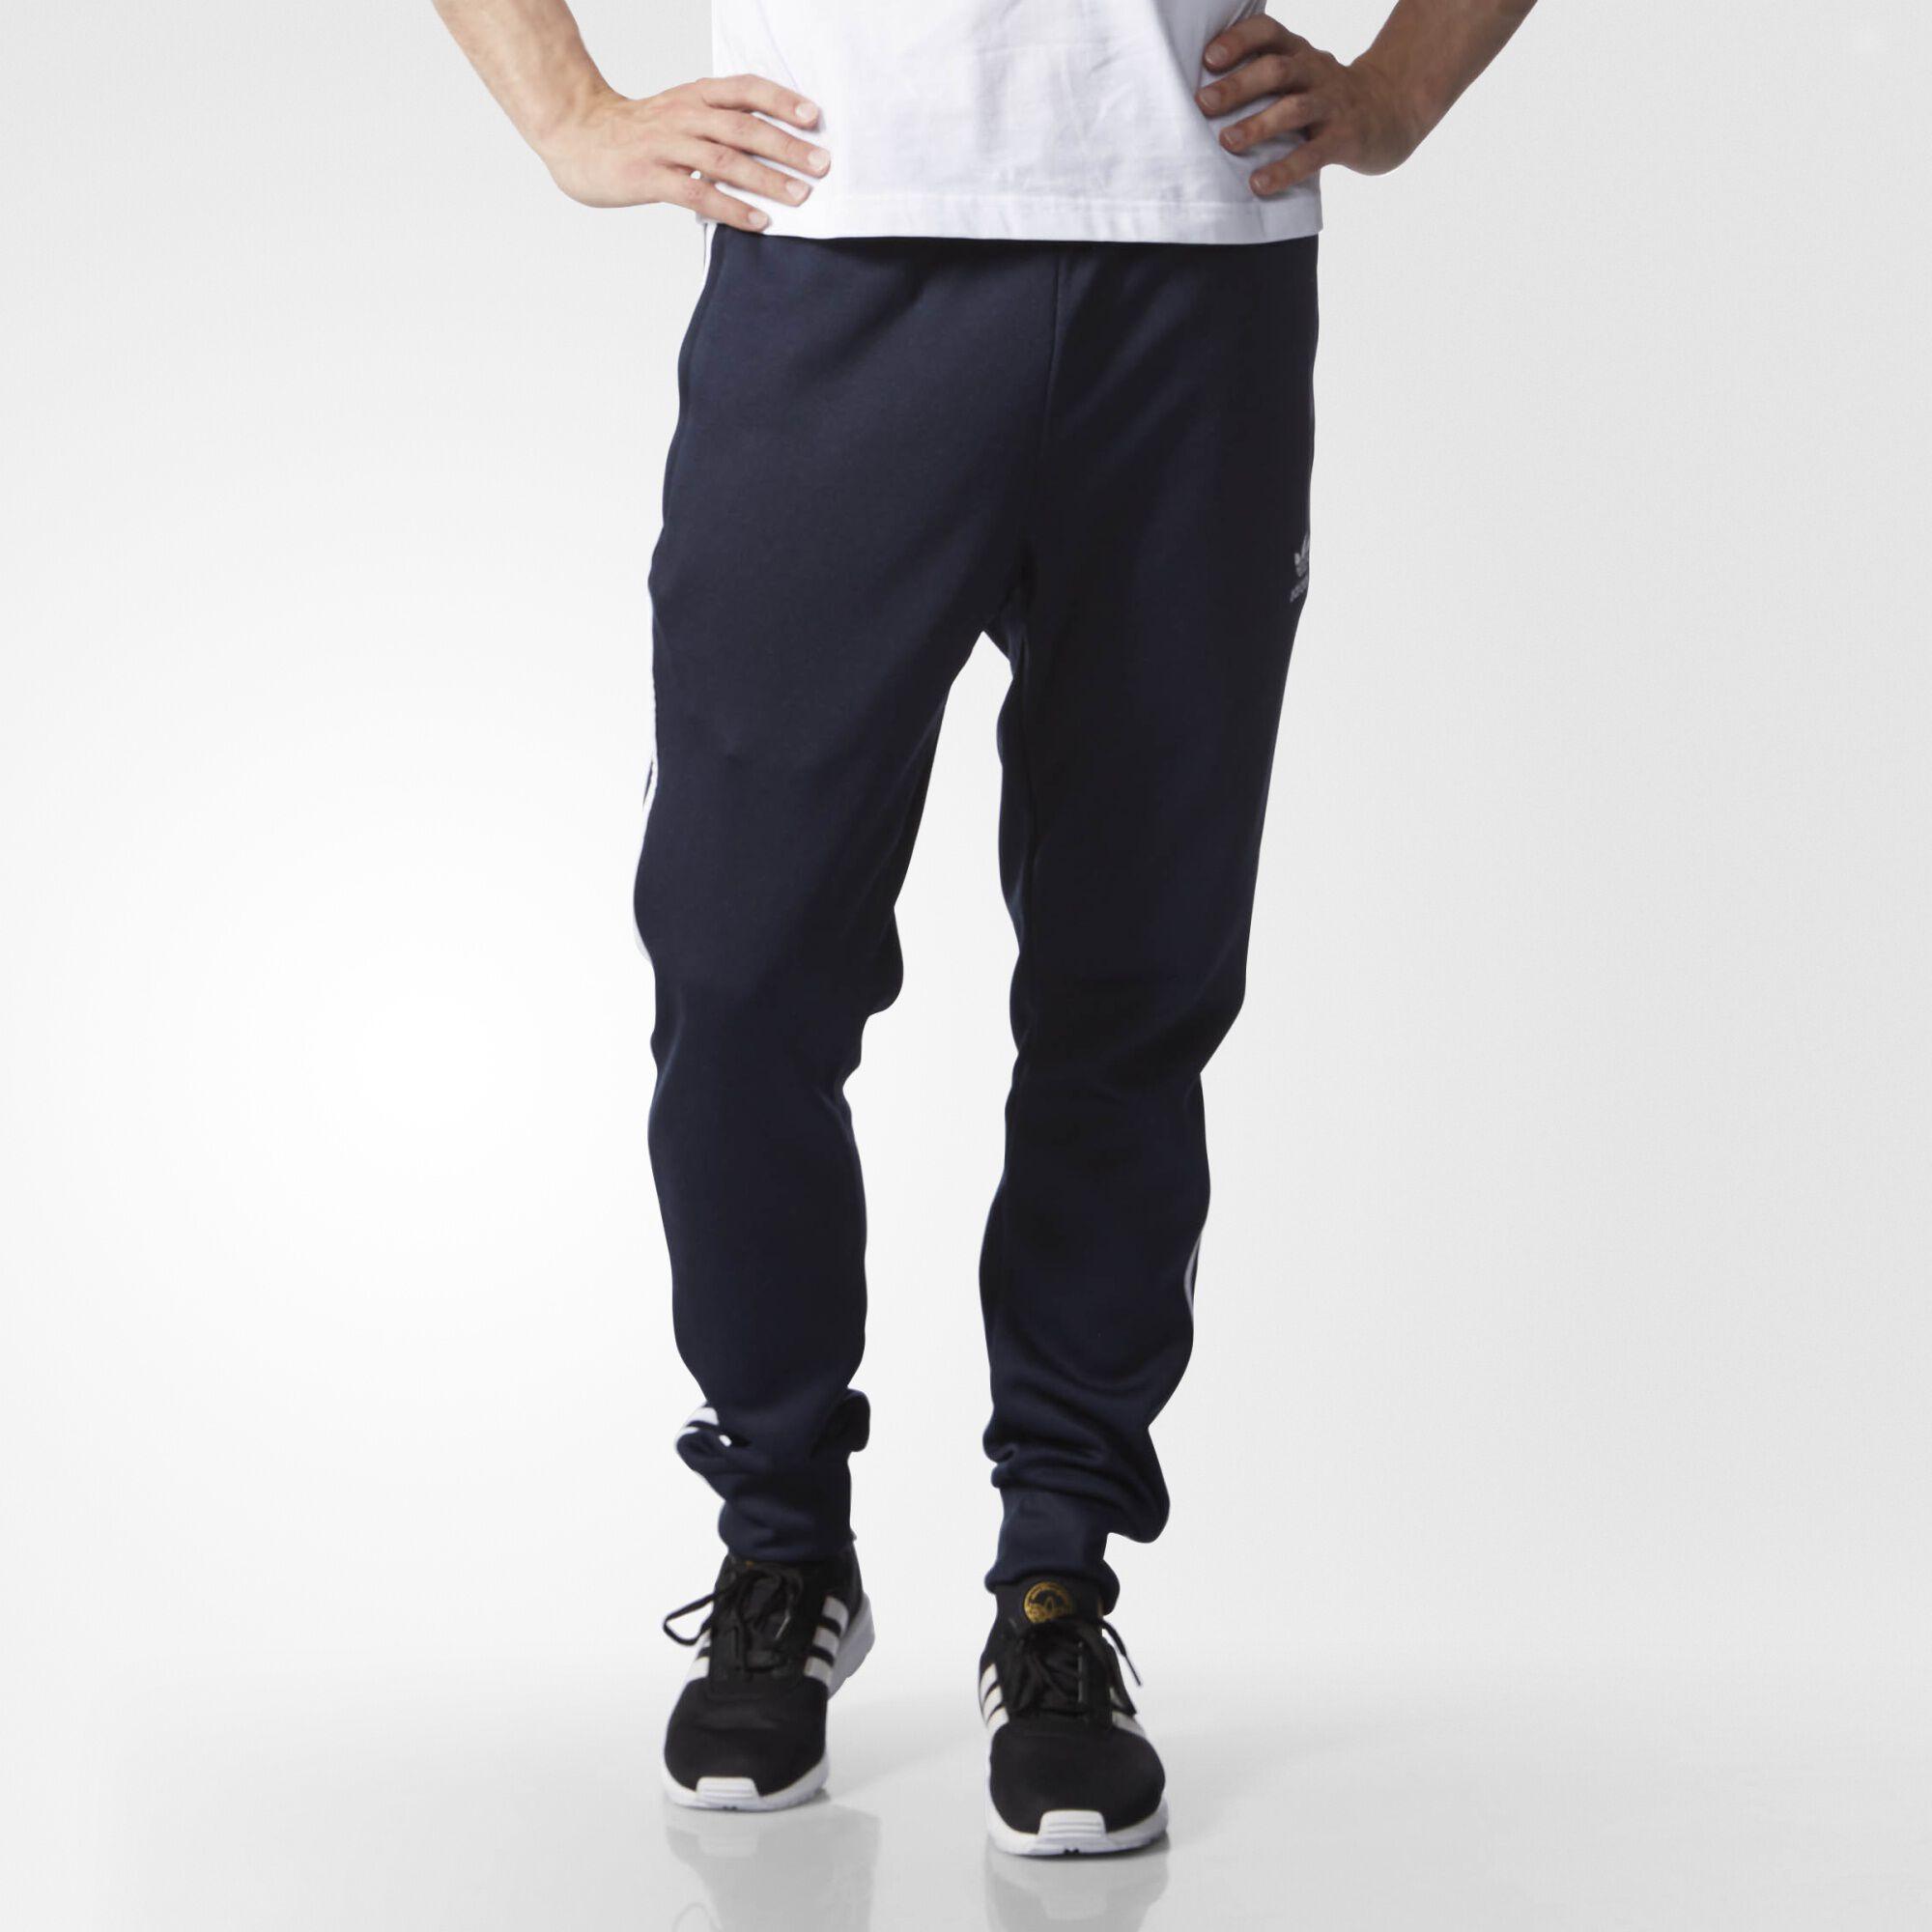 Adidas Superstar Slip On Male